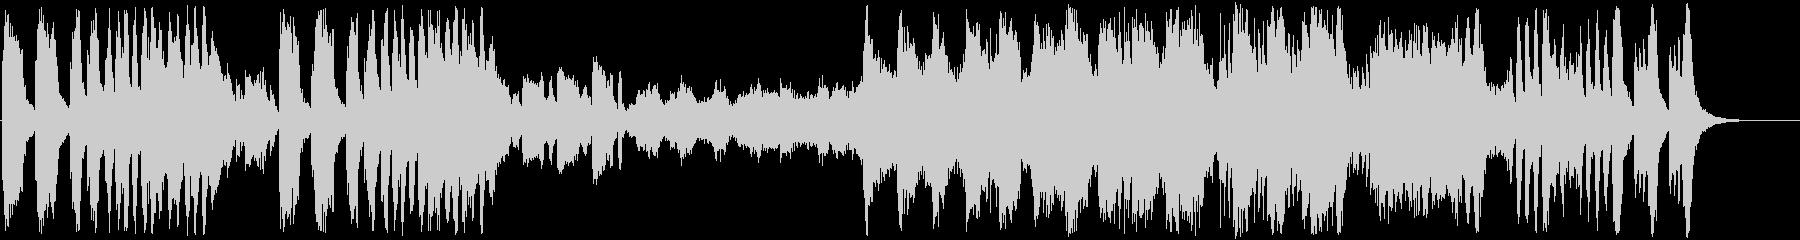 ピアノ協奏曲第25番第1楽章モーツァルトの未再生の波形